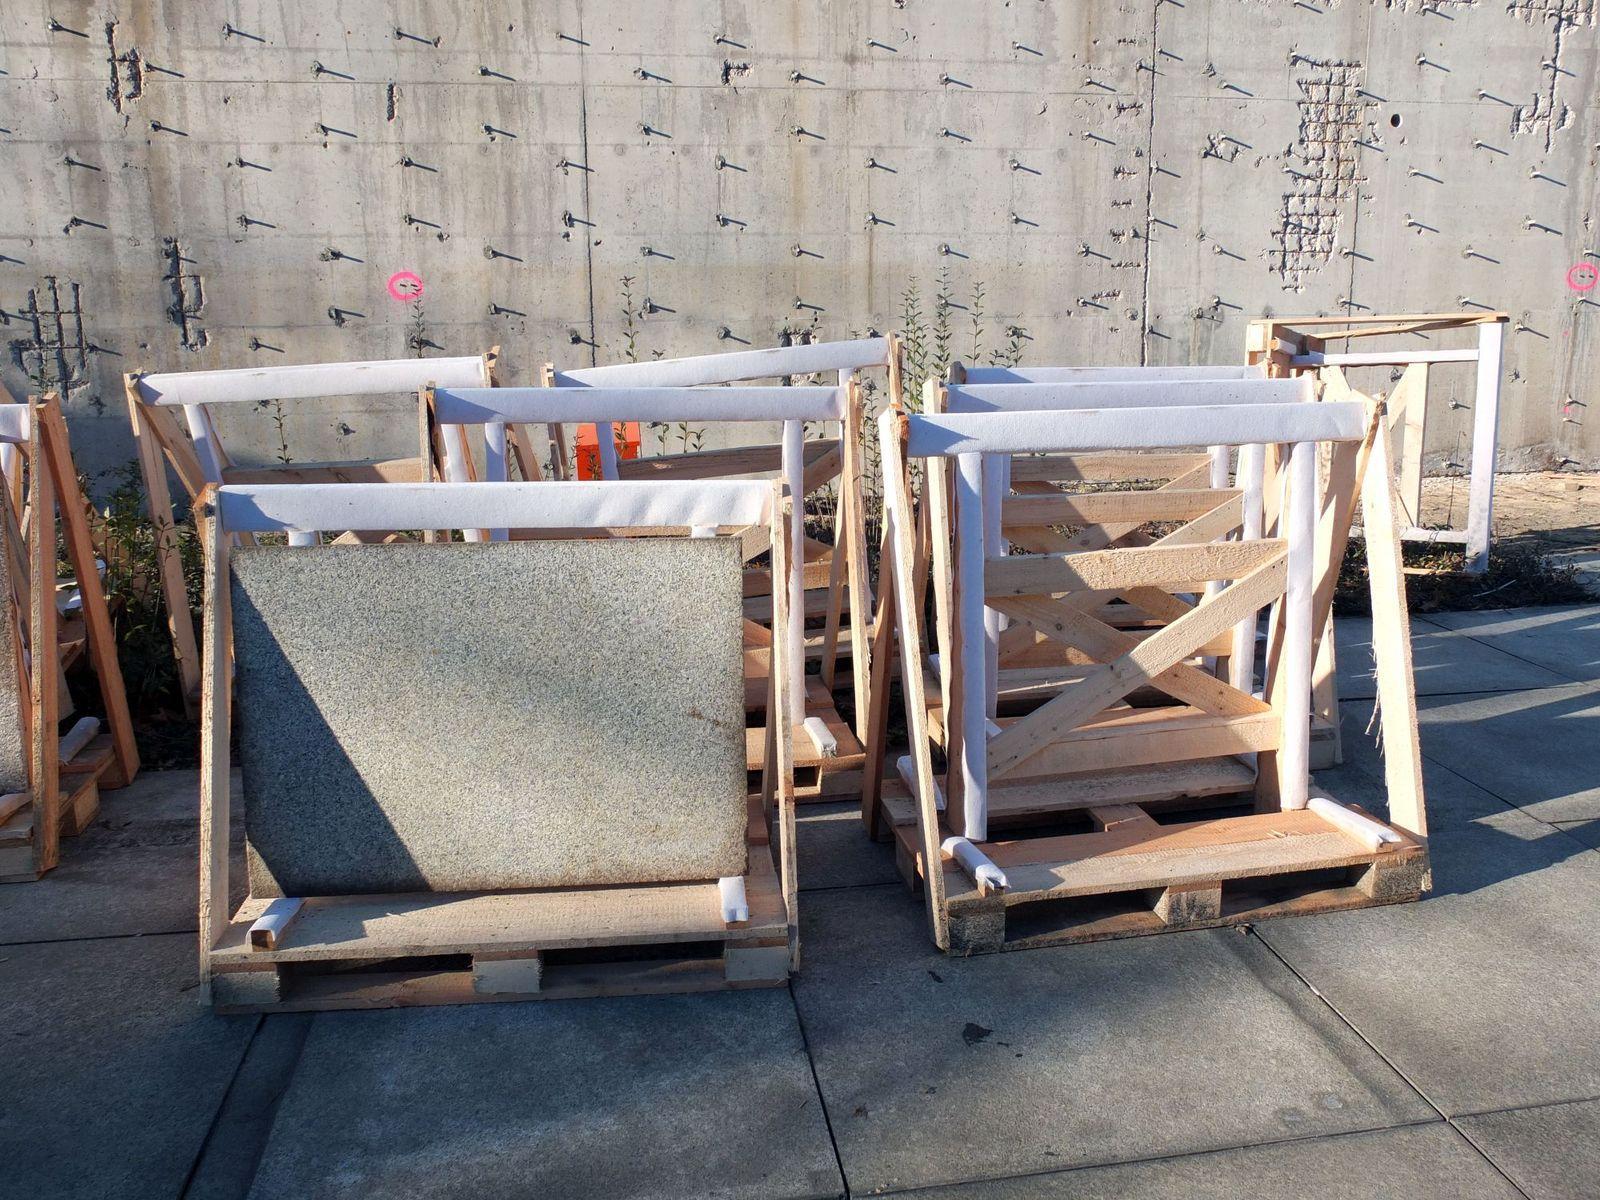 Ständer für den Transport und die Lagerung der Granitplatten. Foto: schmedding.vonmarlin.;